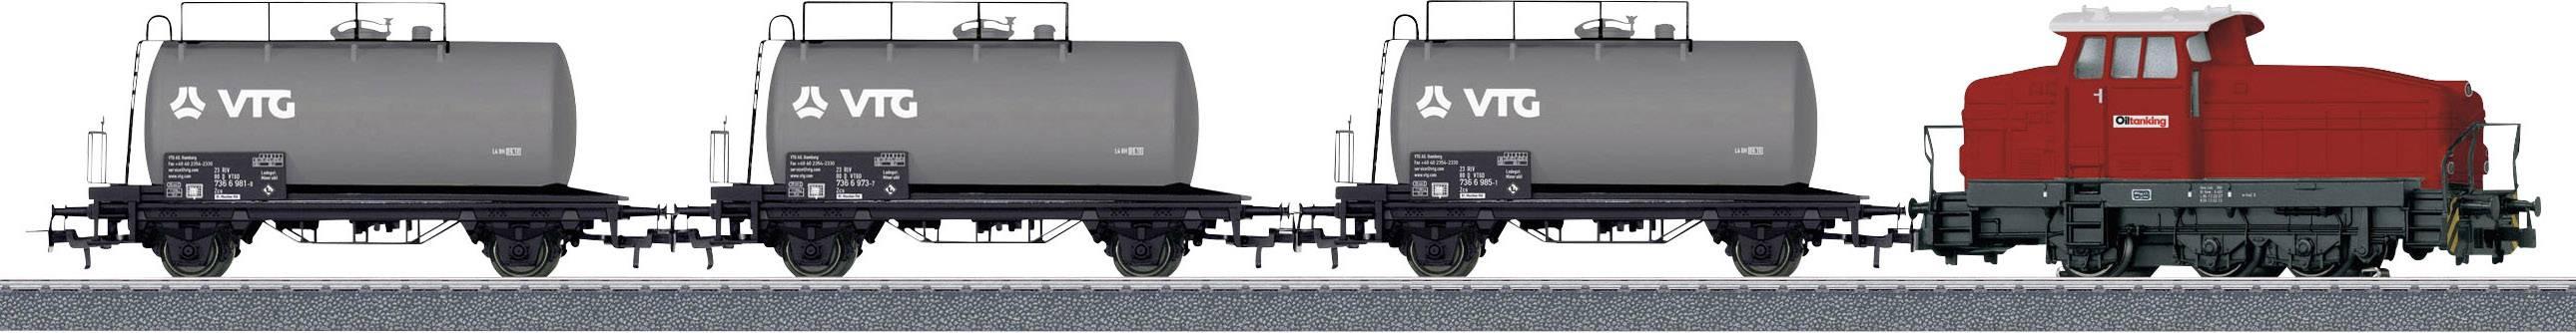 H0 nákladný vlak, model DHG 500 DB AG, Märklin Start up 26569